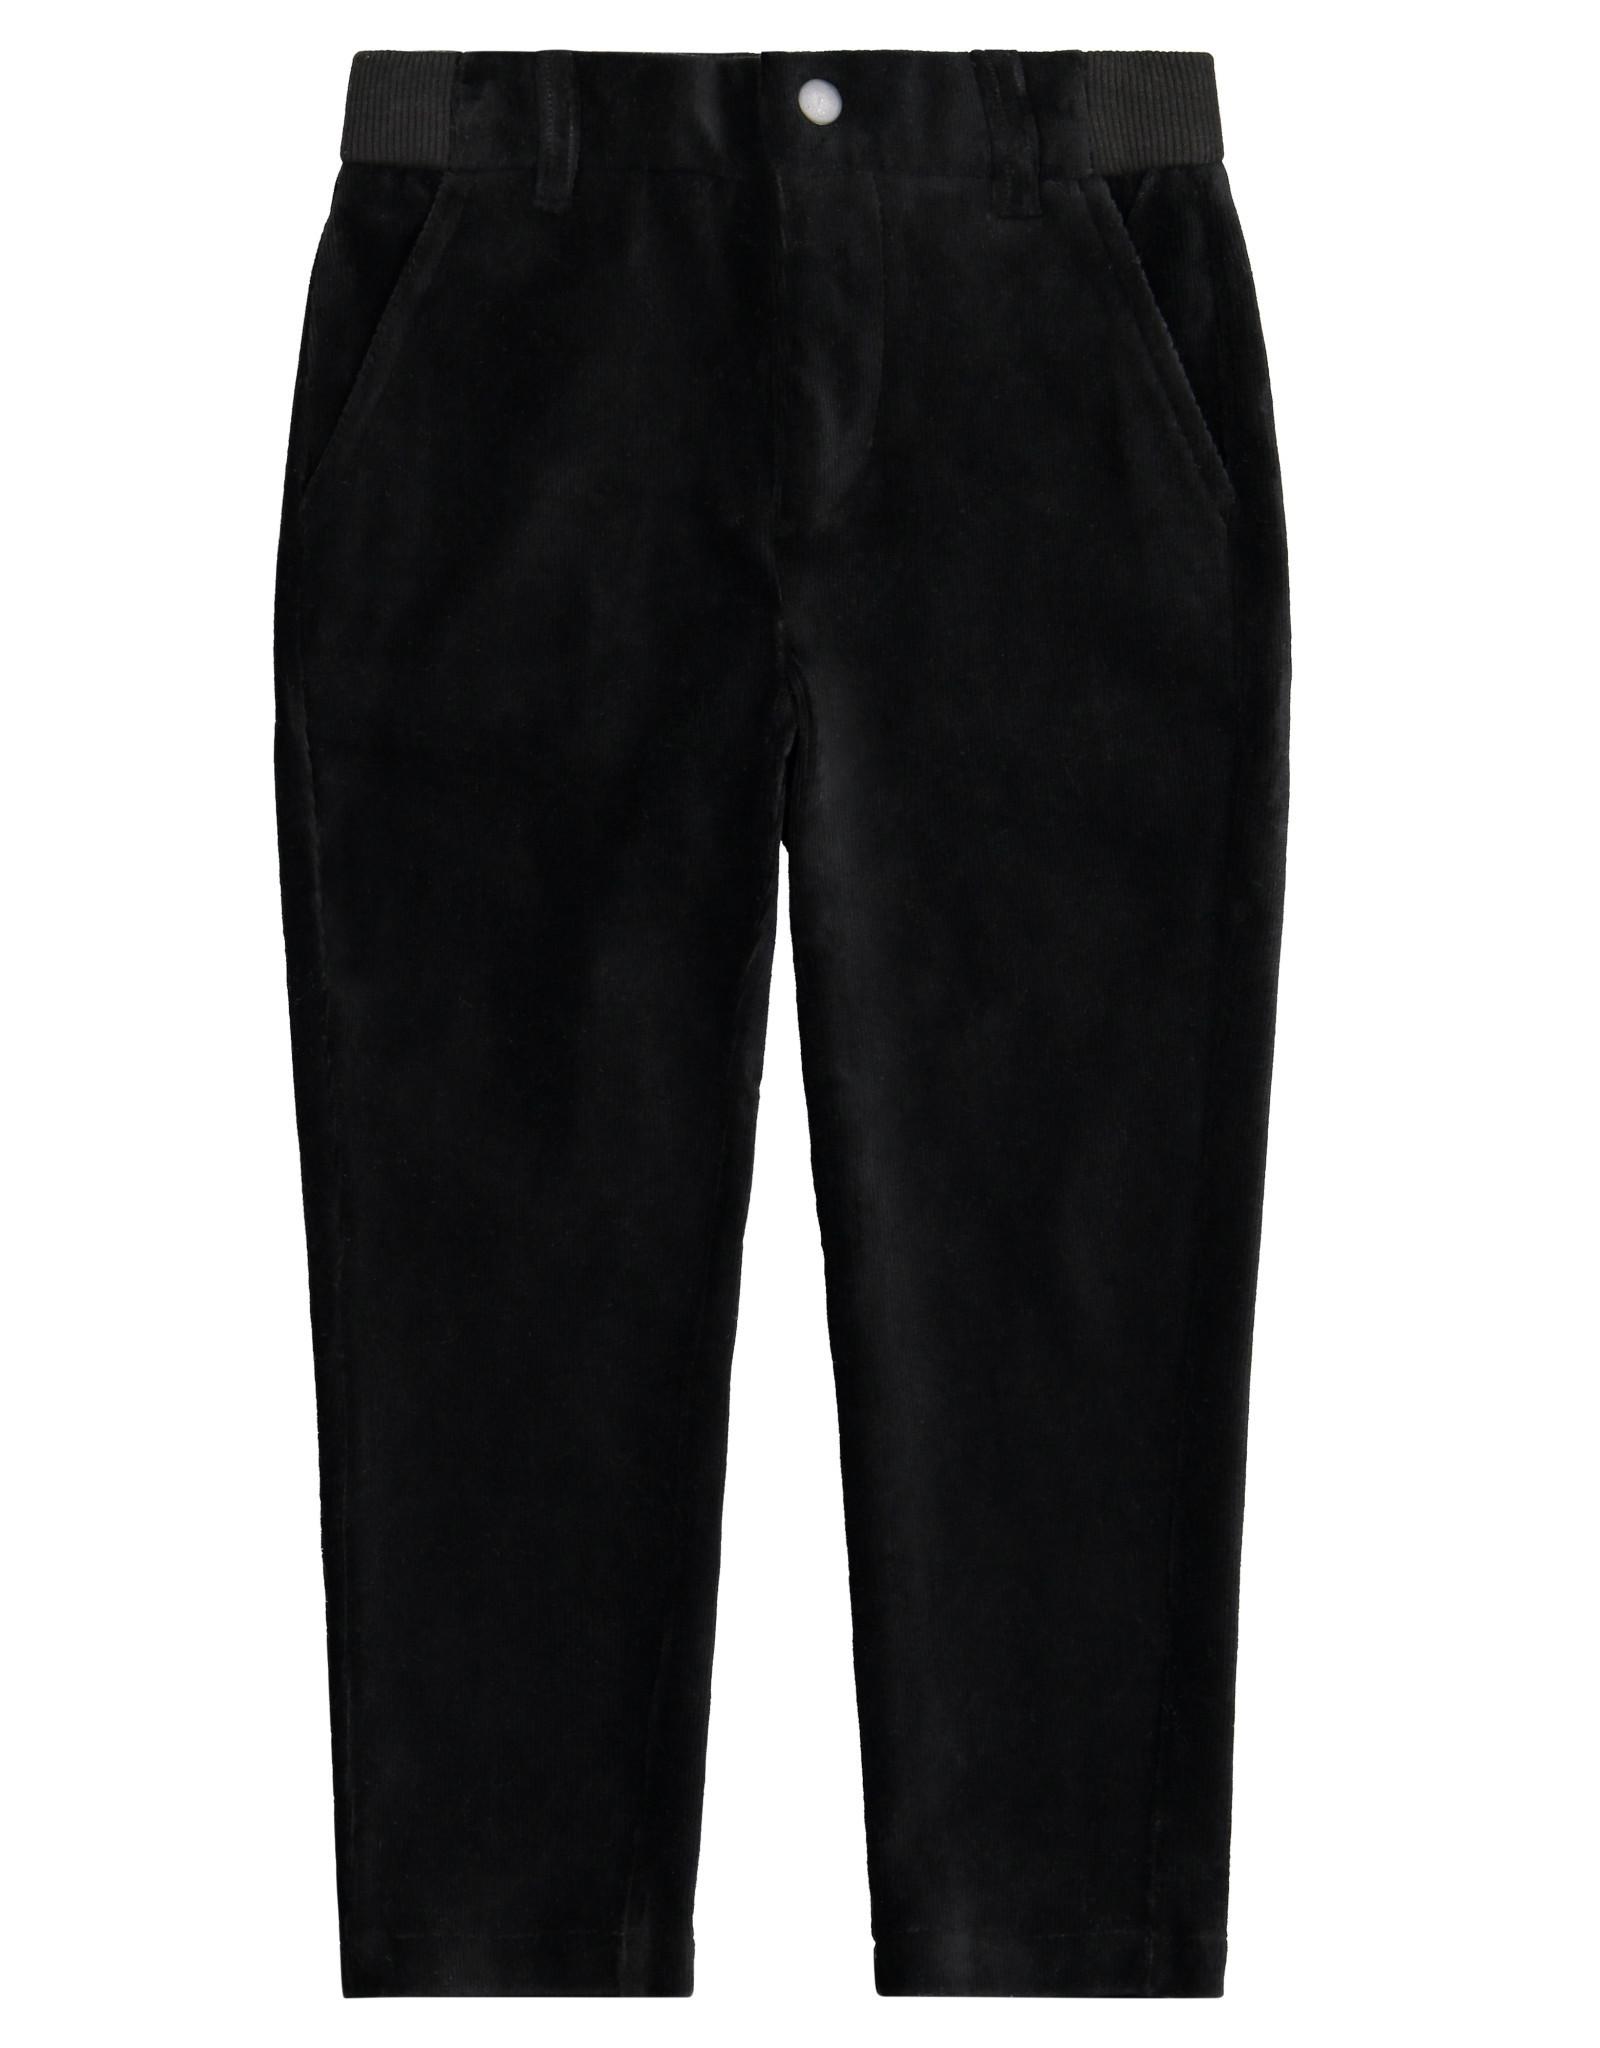 Andy & Evan Andy & Evan Pull-On Black Pants